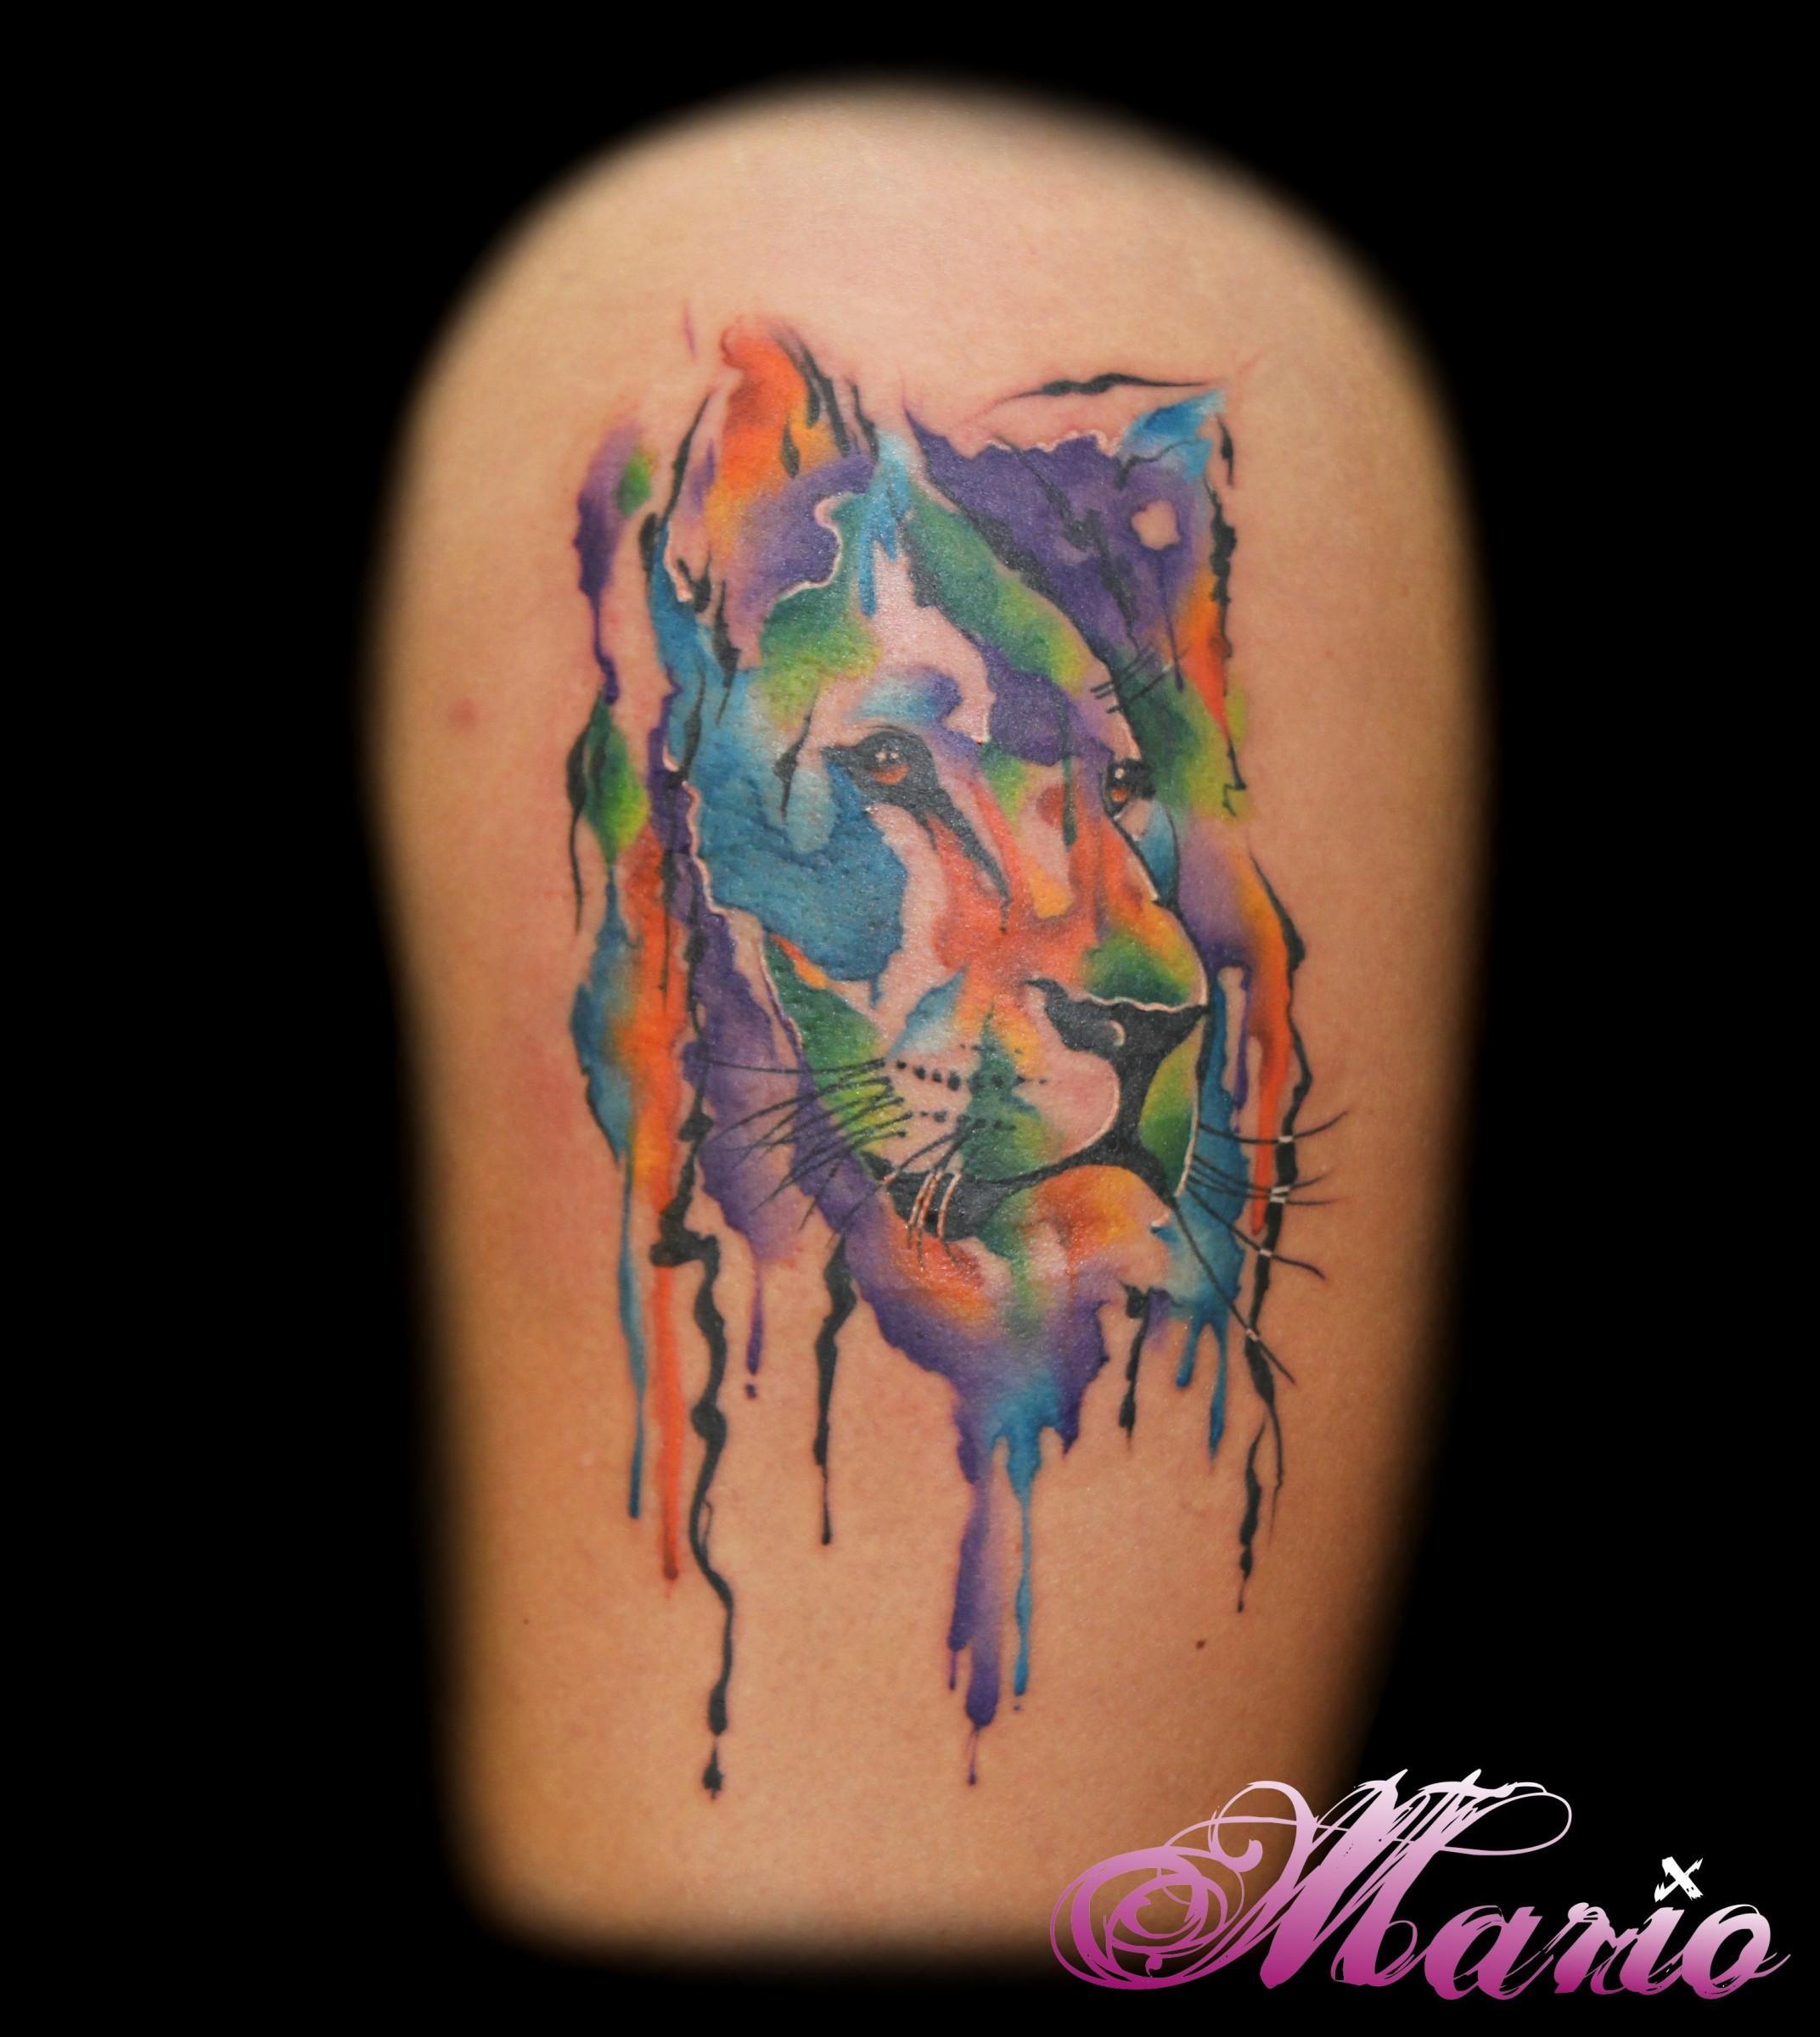 Find Tattoo Artist: The Gallery Custom Tattoo Tattoo- Find The Best Tattoo